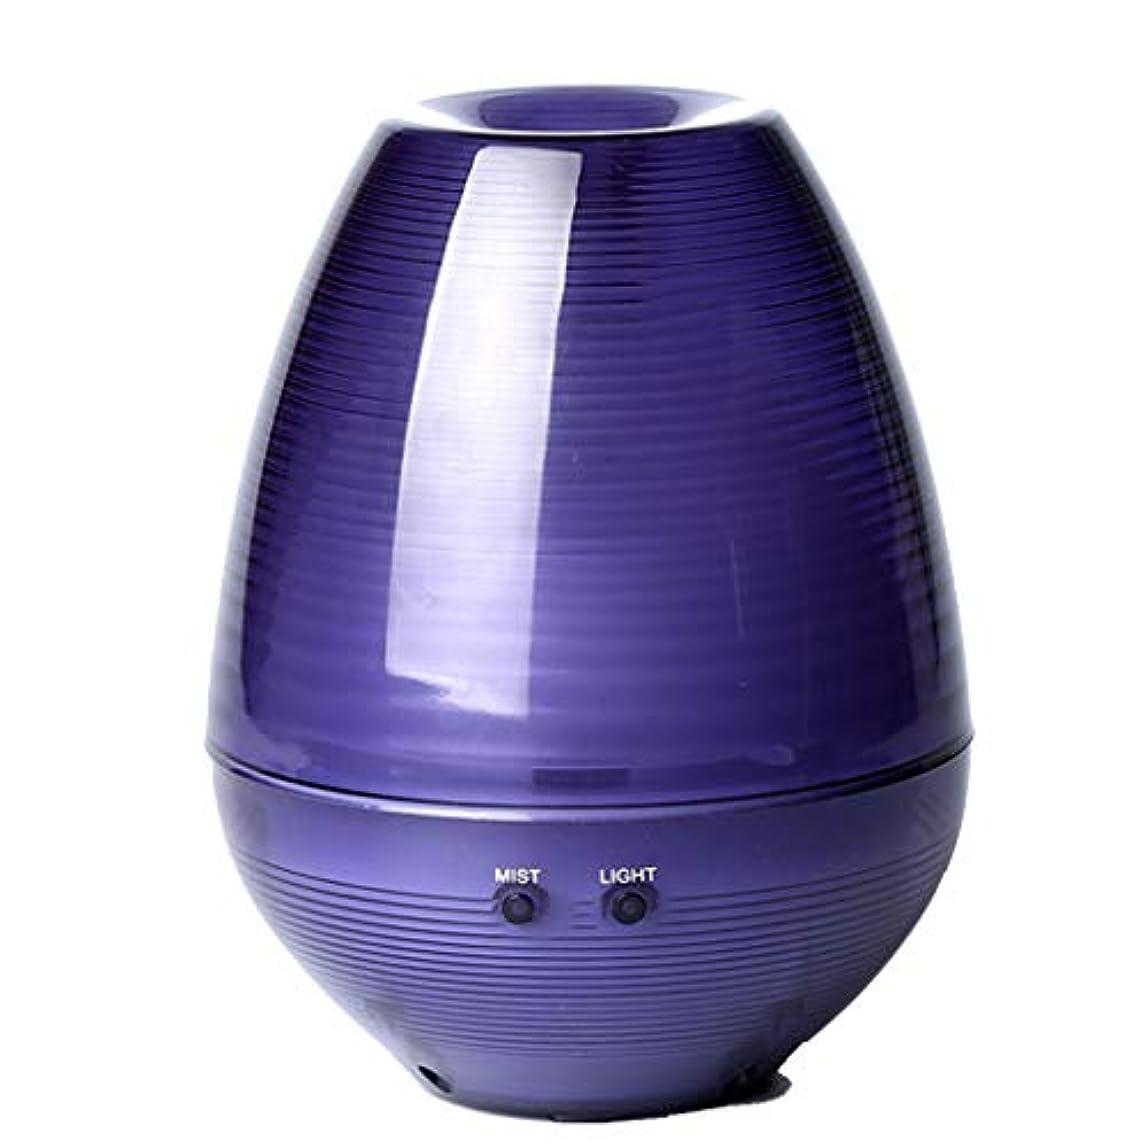 ヶ月目複雑な鉱石アロマセラピーエッセンシャルオイルディフューザー、アロマディフューザークールミスト加湿器ウォーターレスオートシャットオフホームオフィス用ヨガ (Color : Purple)